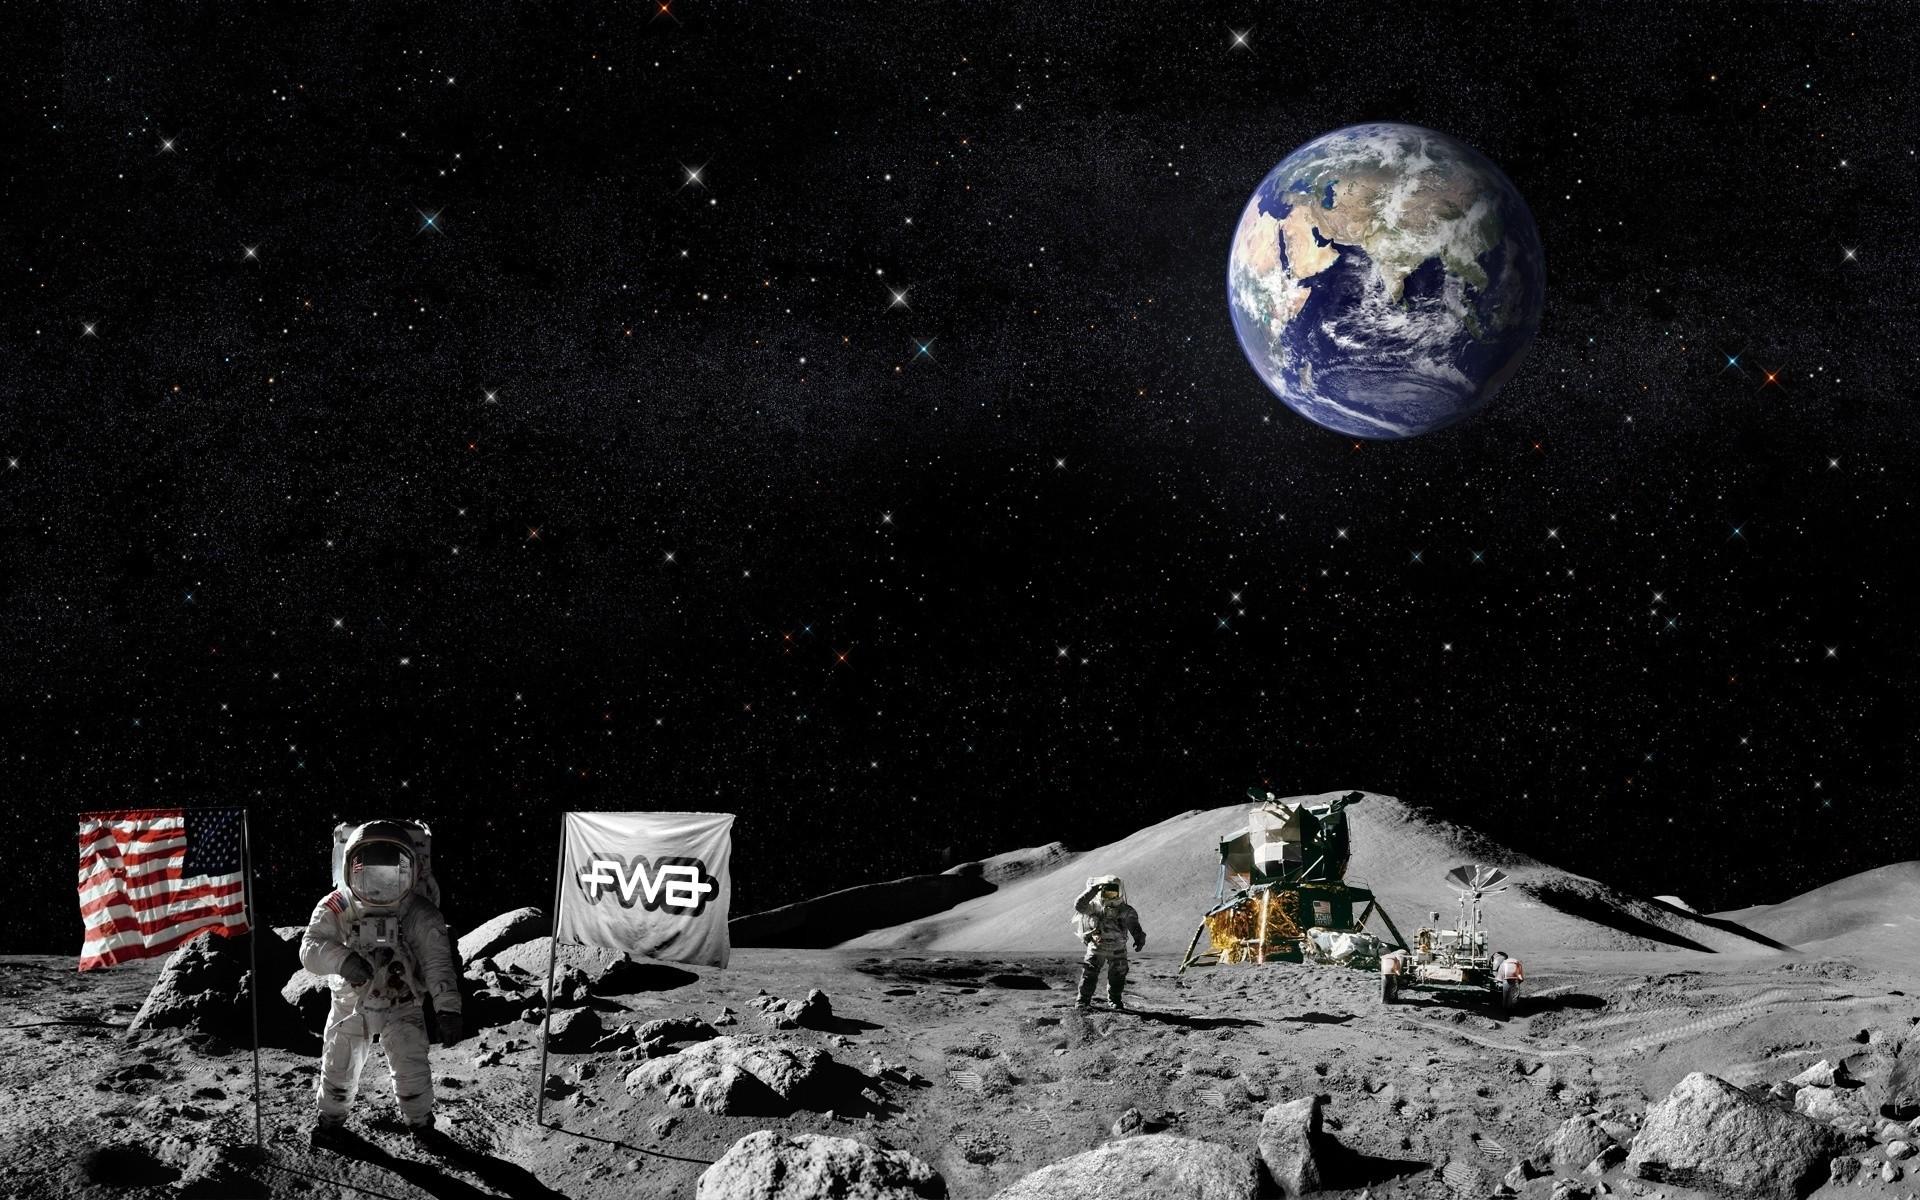 Як я на місяці відпочивав фото 6 фотография